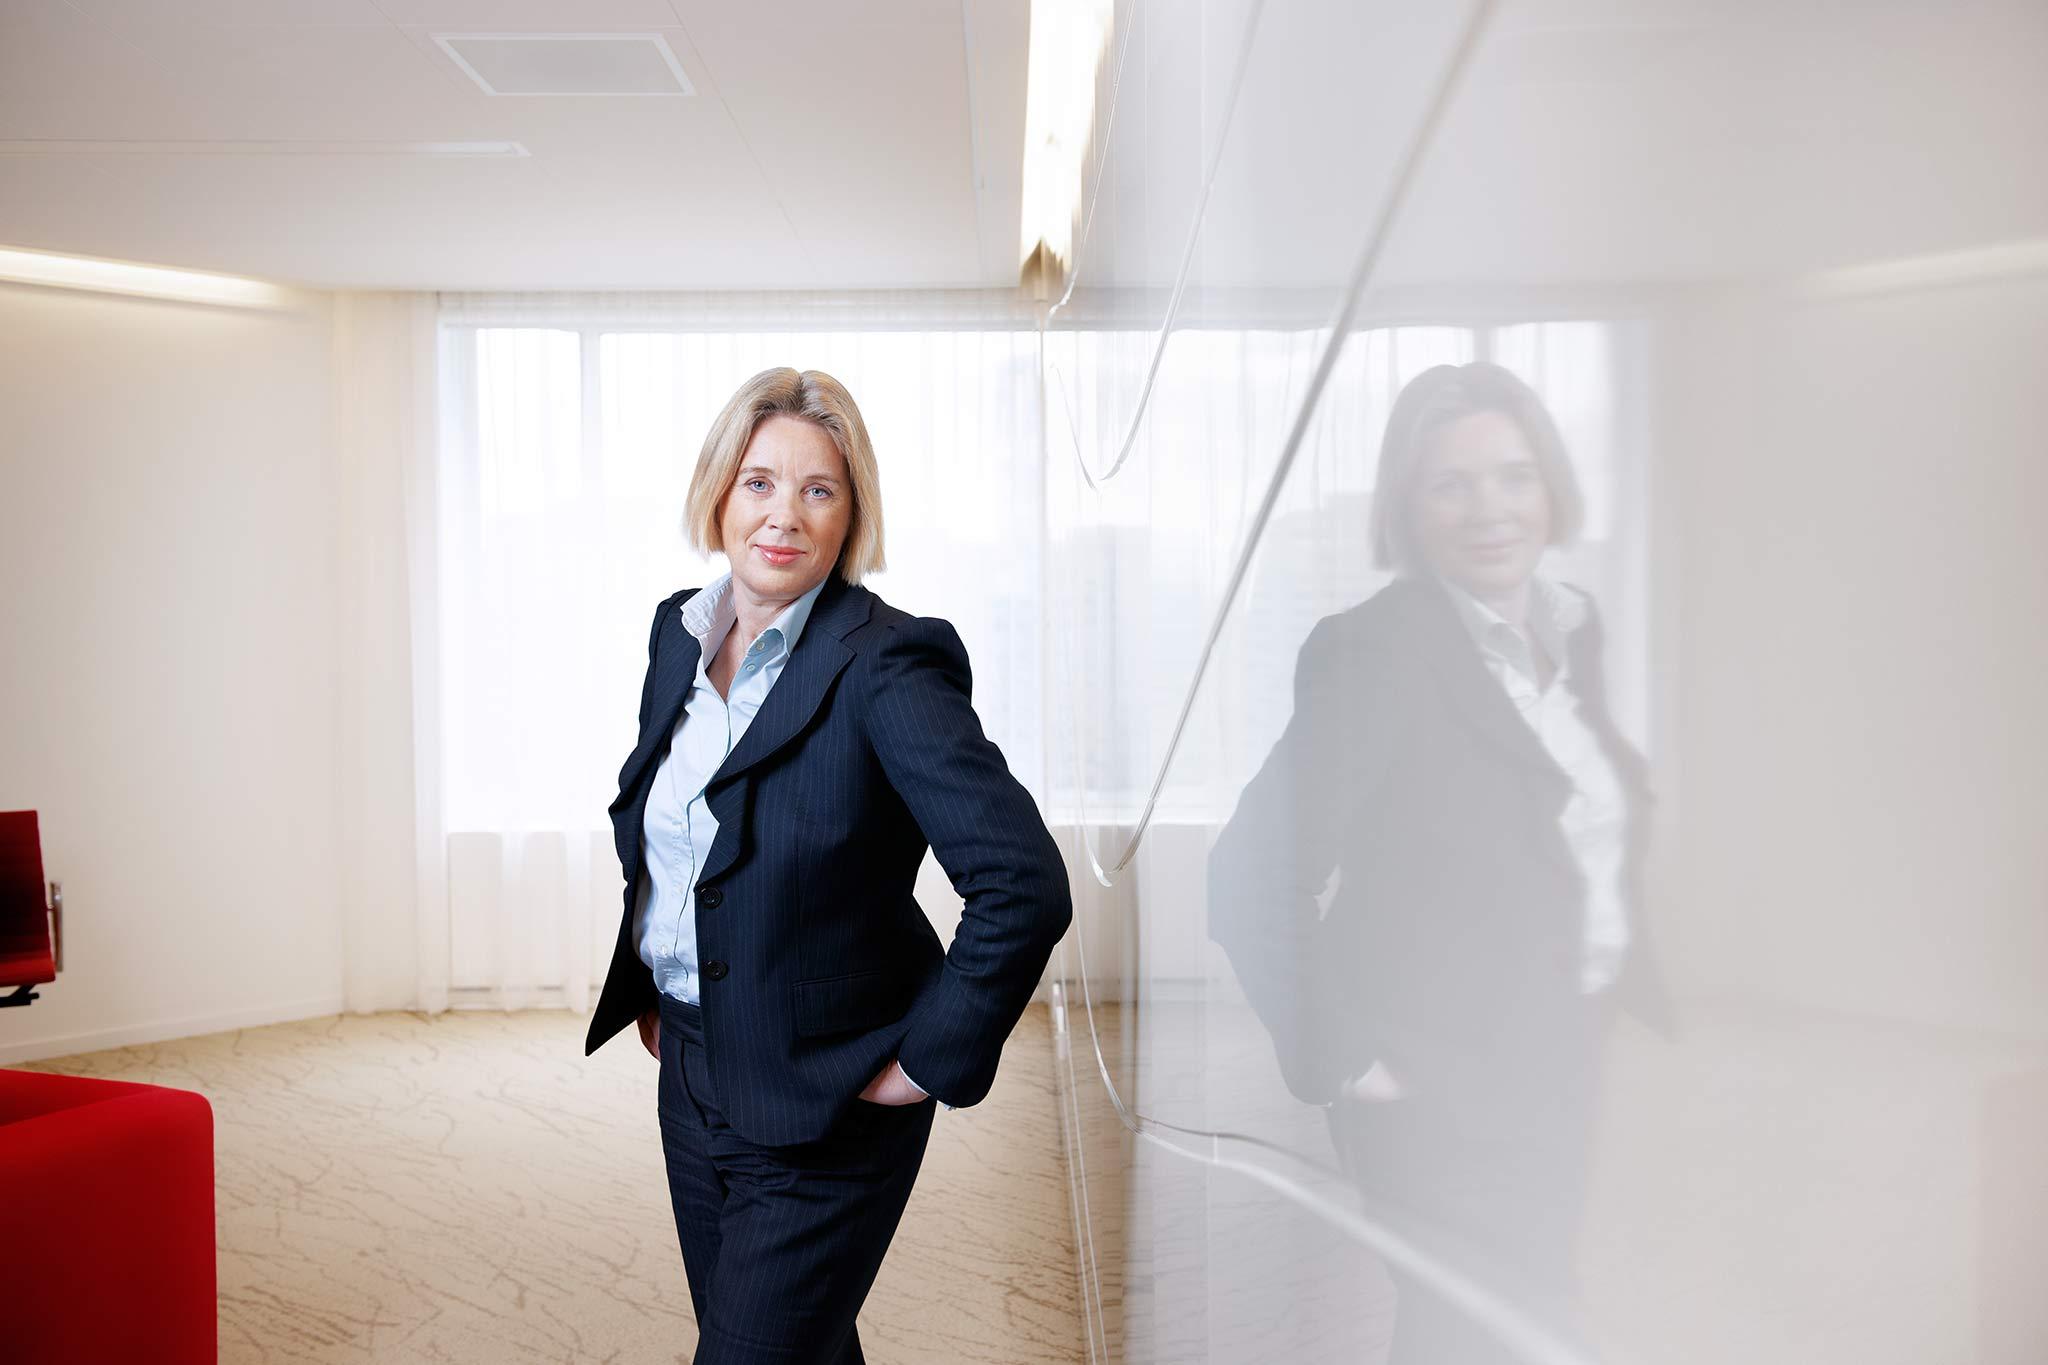 CFO pensioenfonds | zakelijk portret vrouw